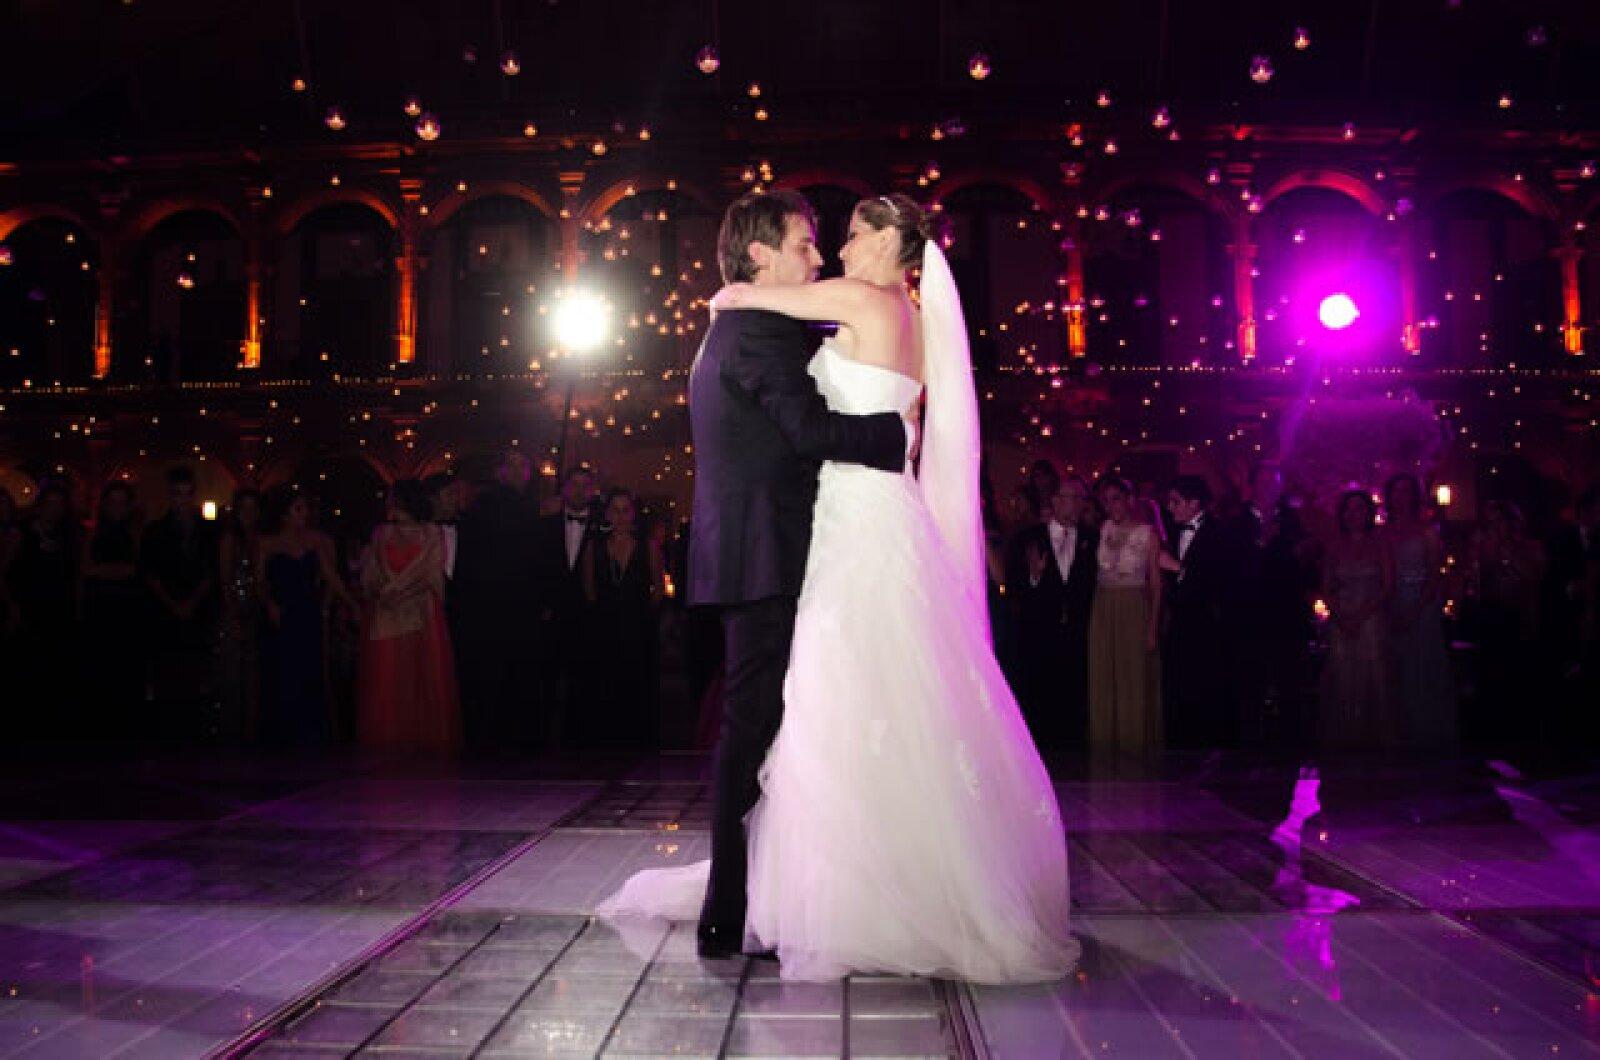 El vestido de la novia fue de Pronovias.